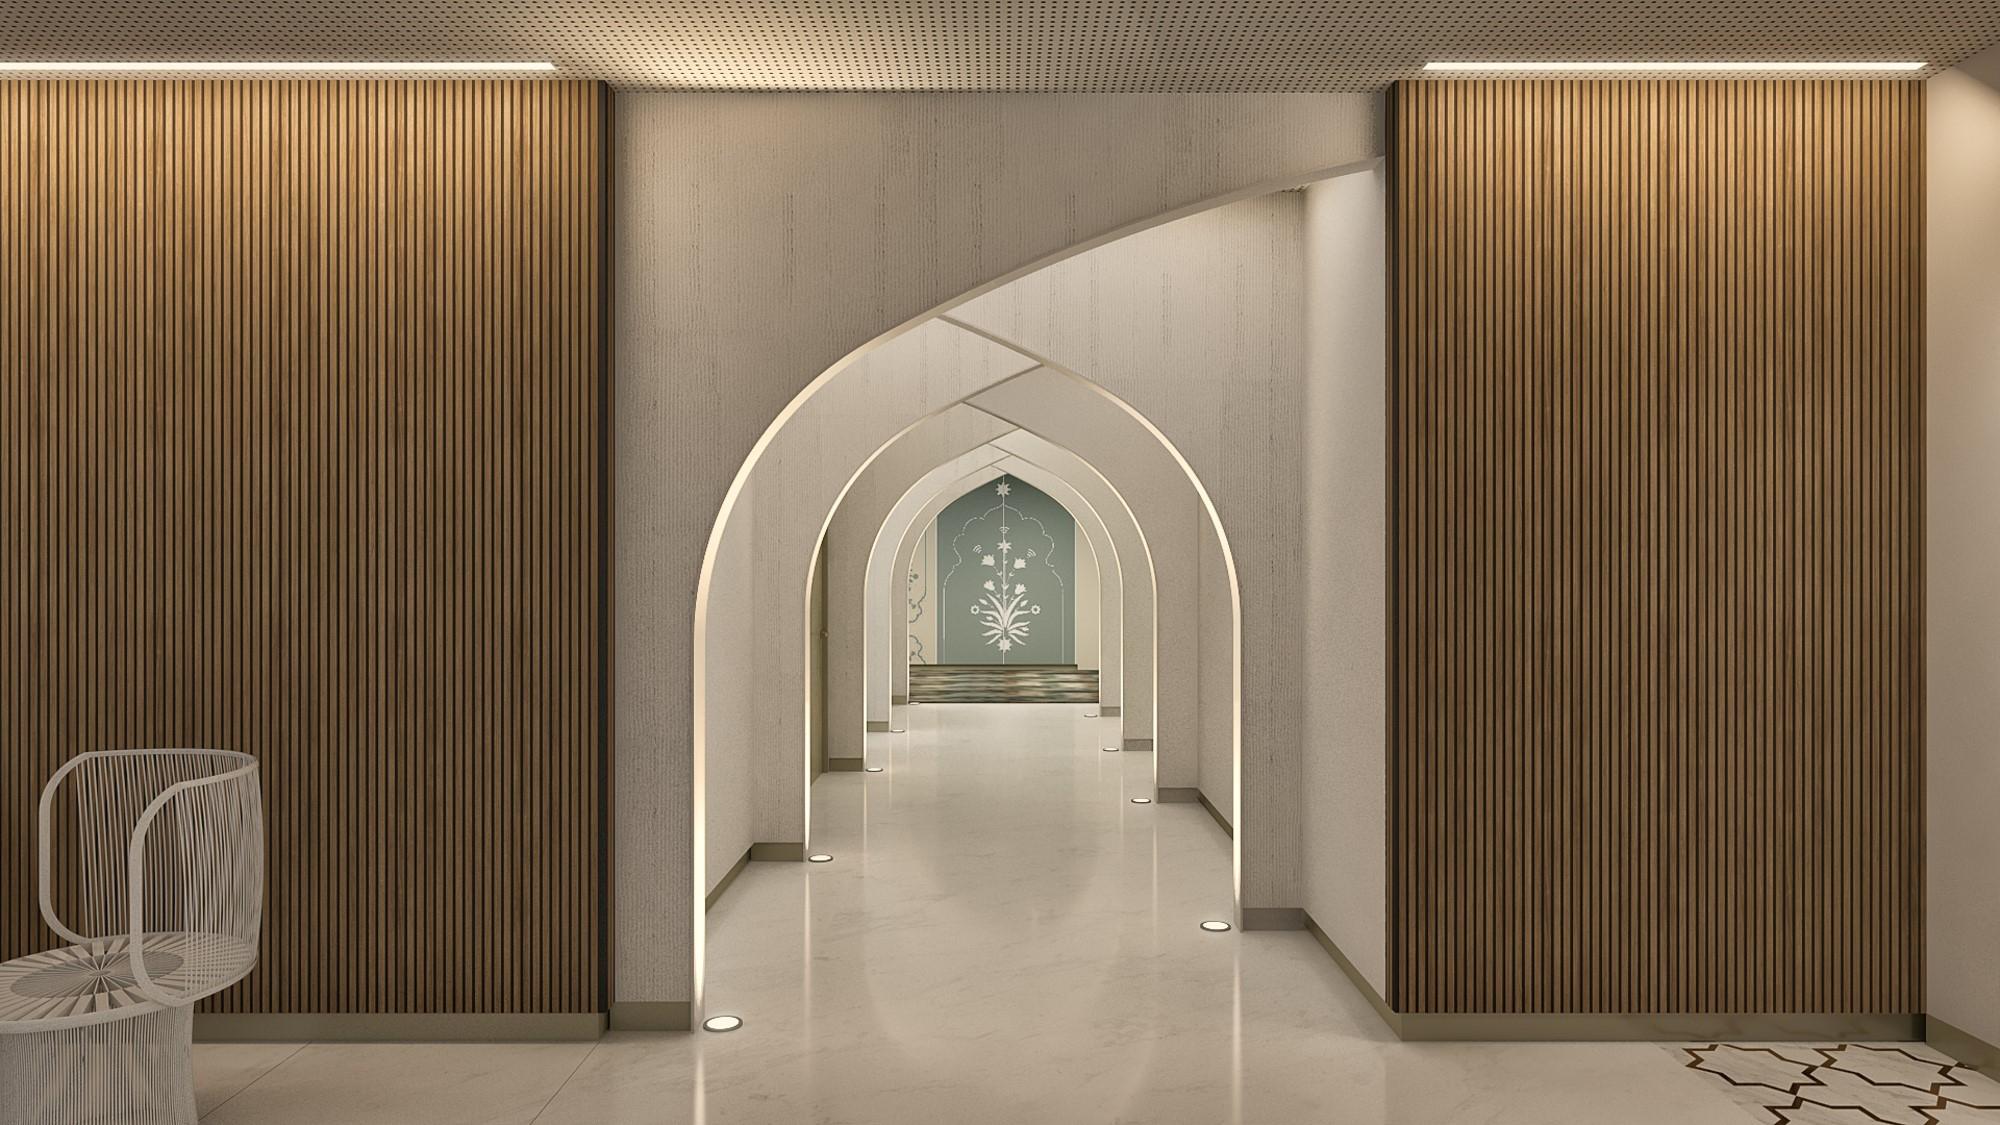 Microsoft's new Taj Mahal-inspired office in Noida